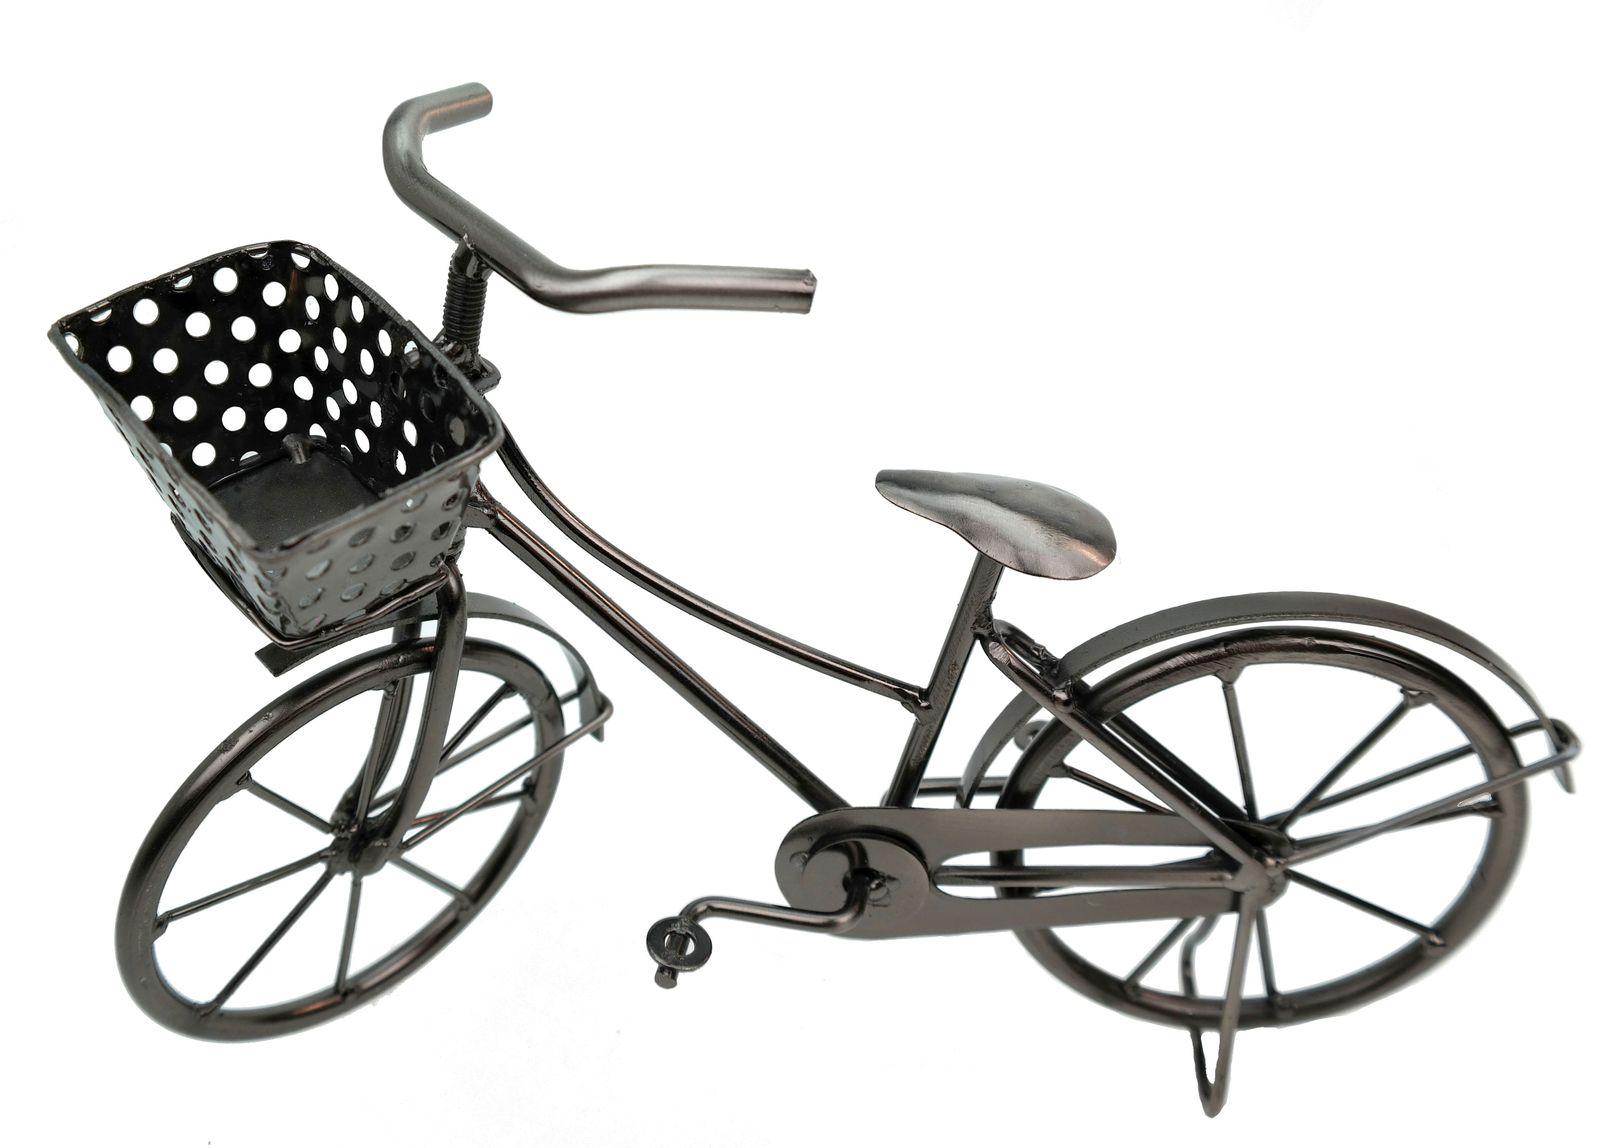 deko fahrrad mit korb aus metall dekoration geldgeschenk bike ebay. Black Bedroom Furniture Sets. Home Design Ideas